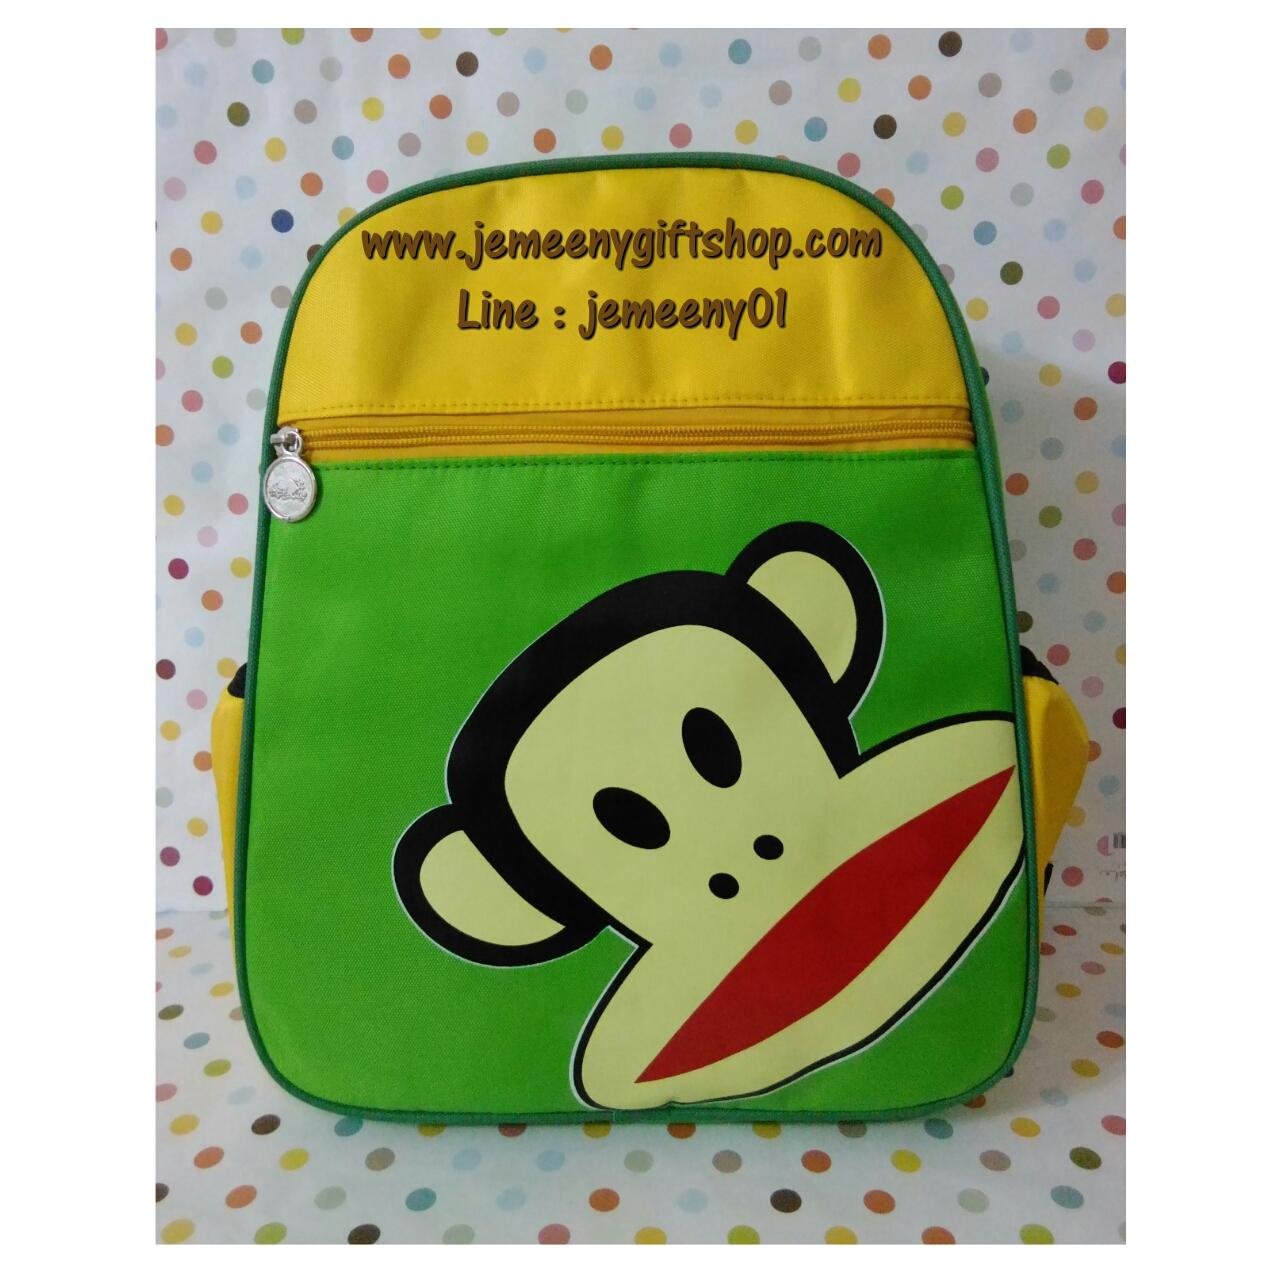 """กระเป๋าเป้สะพายหลัง ลายลิงปากกว้าง size 12"""" : ขนาดกว้าง 14 ซม. * ยาว 23 ซม. * สูง 31 ซม."""